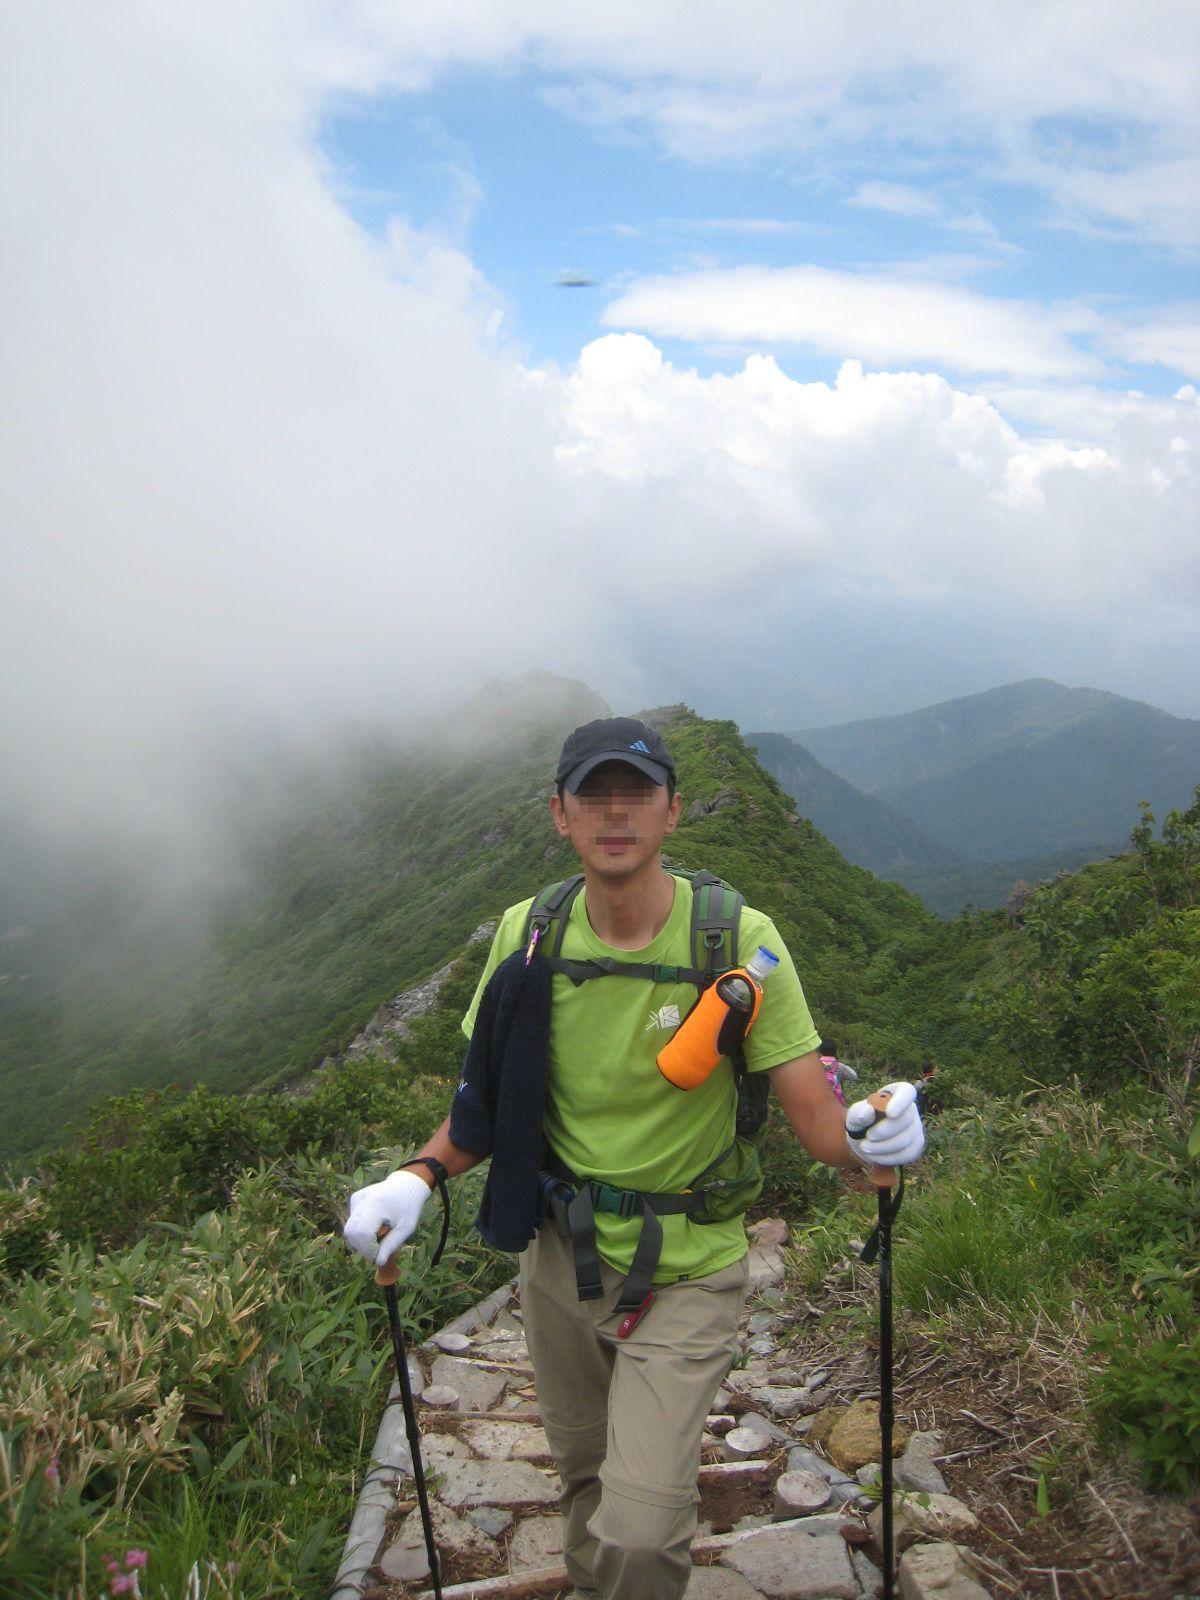 毎年恒例の白山登山へ_e0121558_0301341.jpg